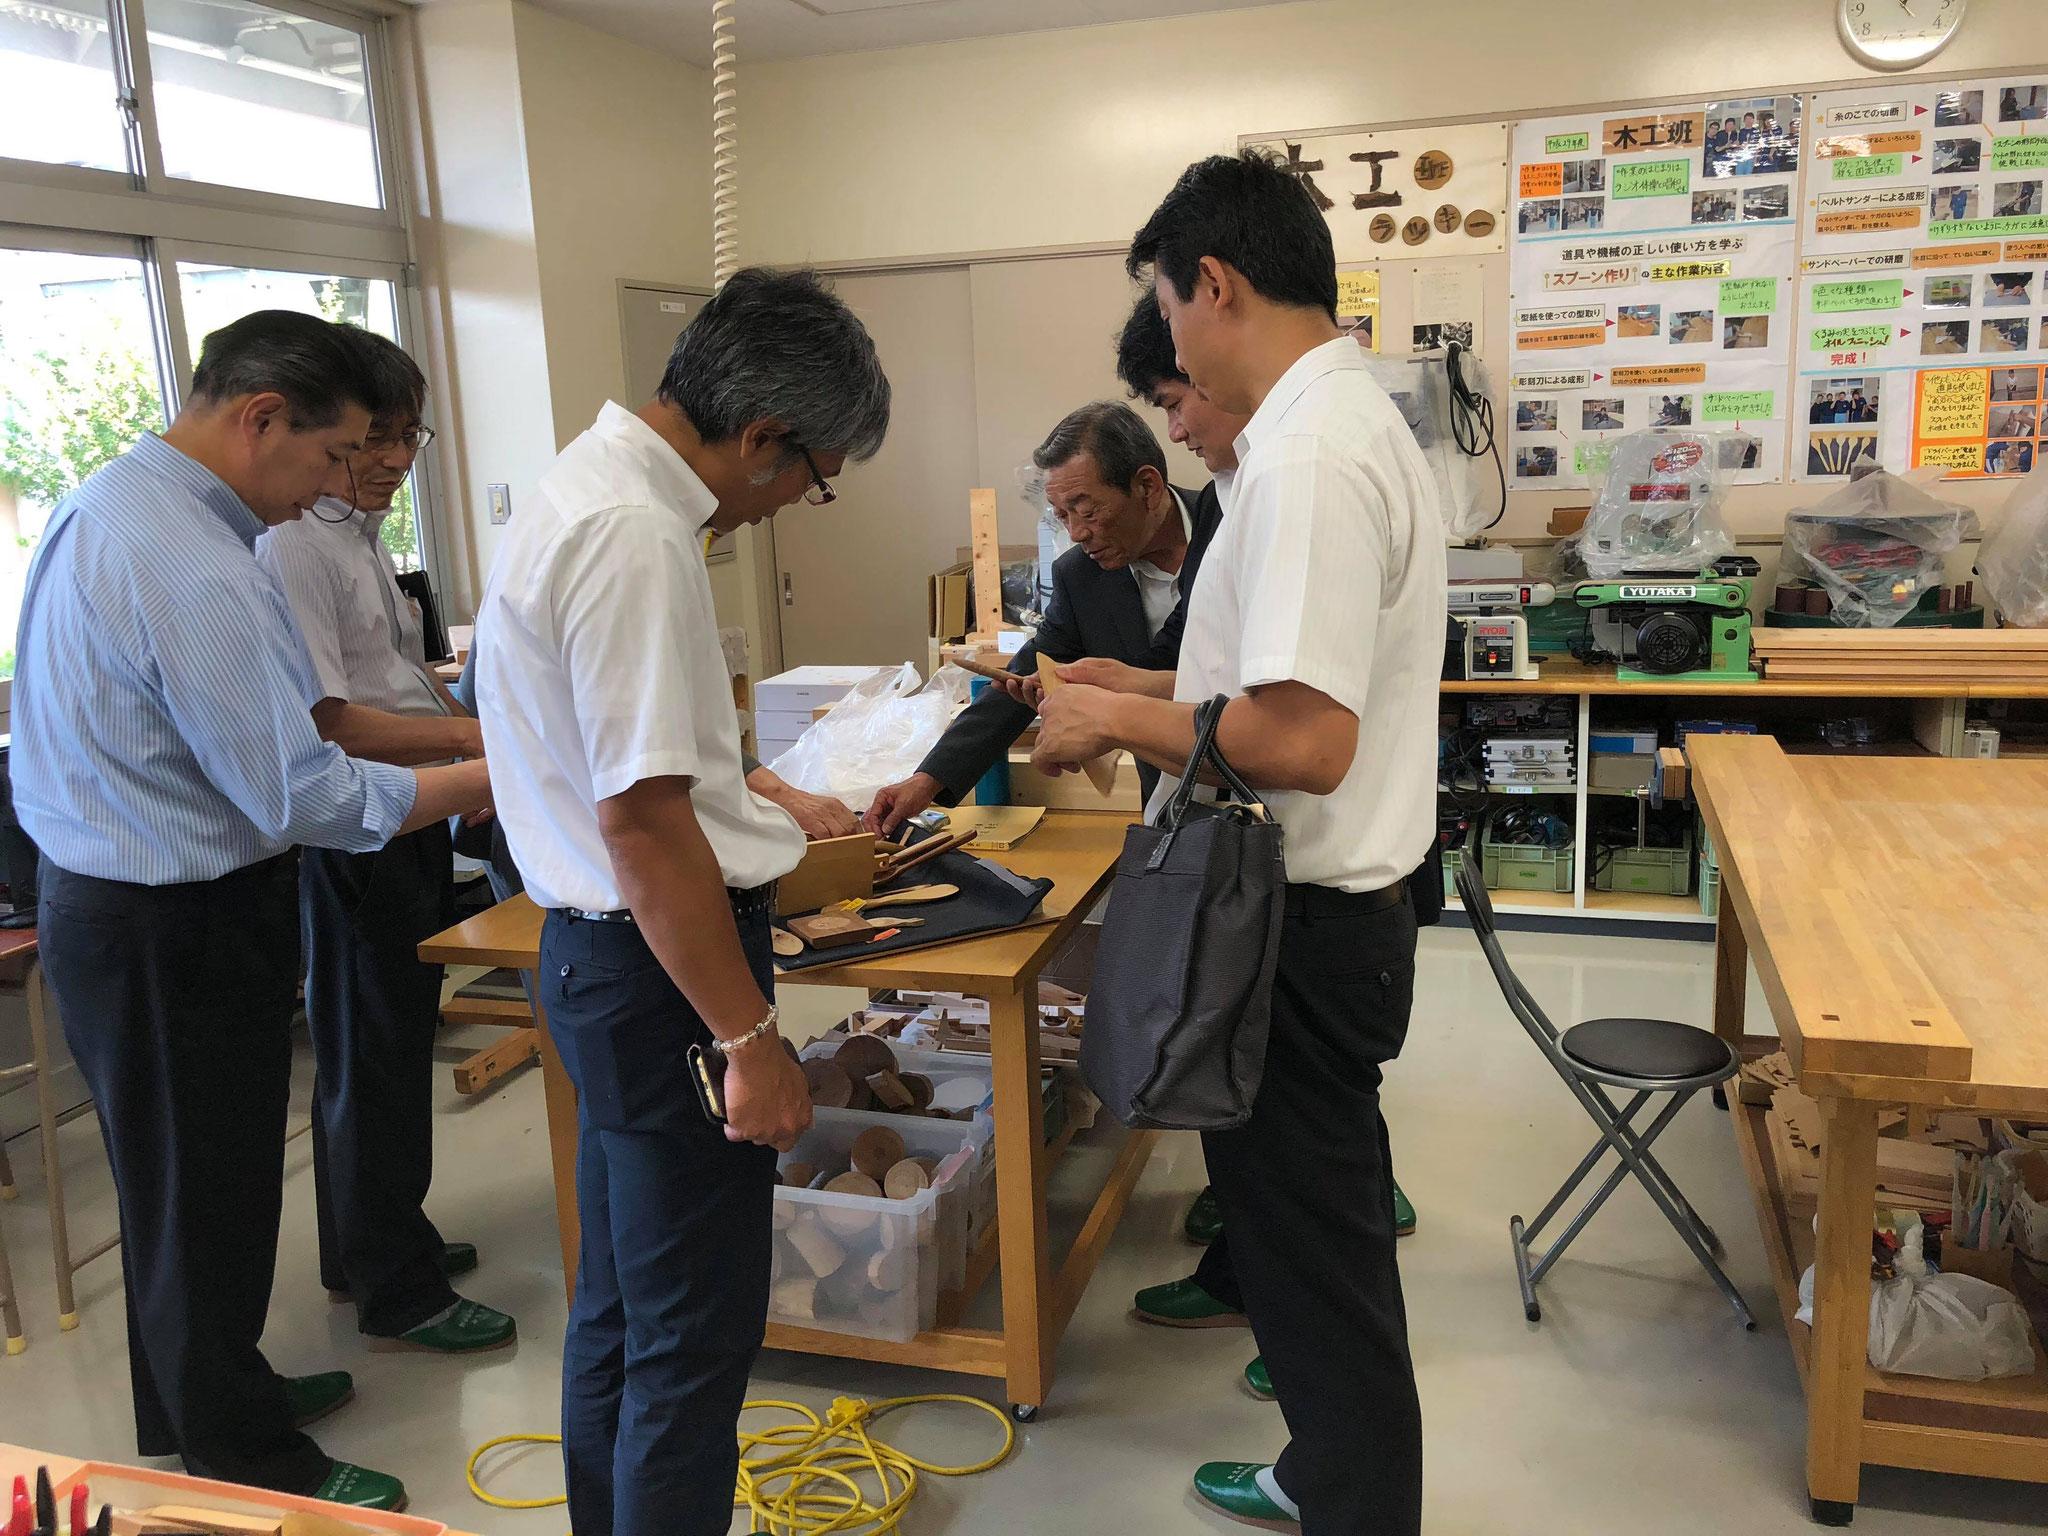 7月19日 木工班の実習風景